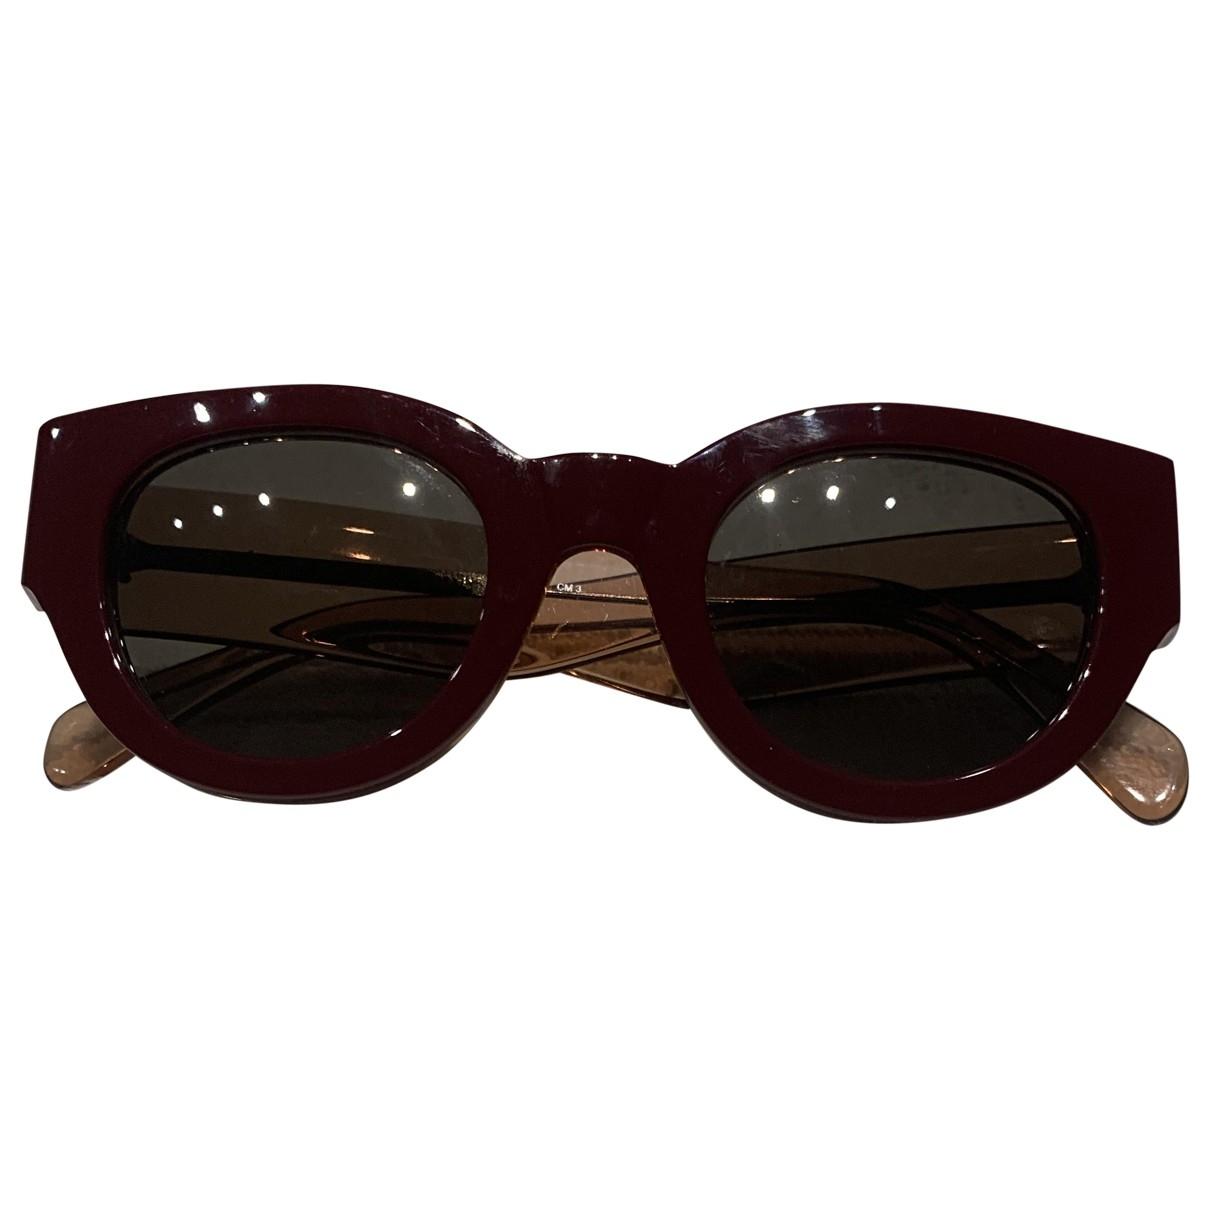 Celine \N Burgundy Sunglasses for Women M International